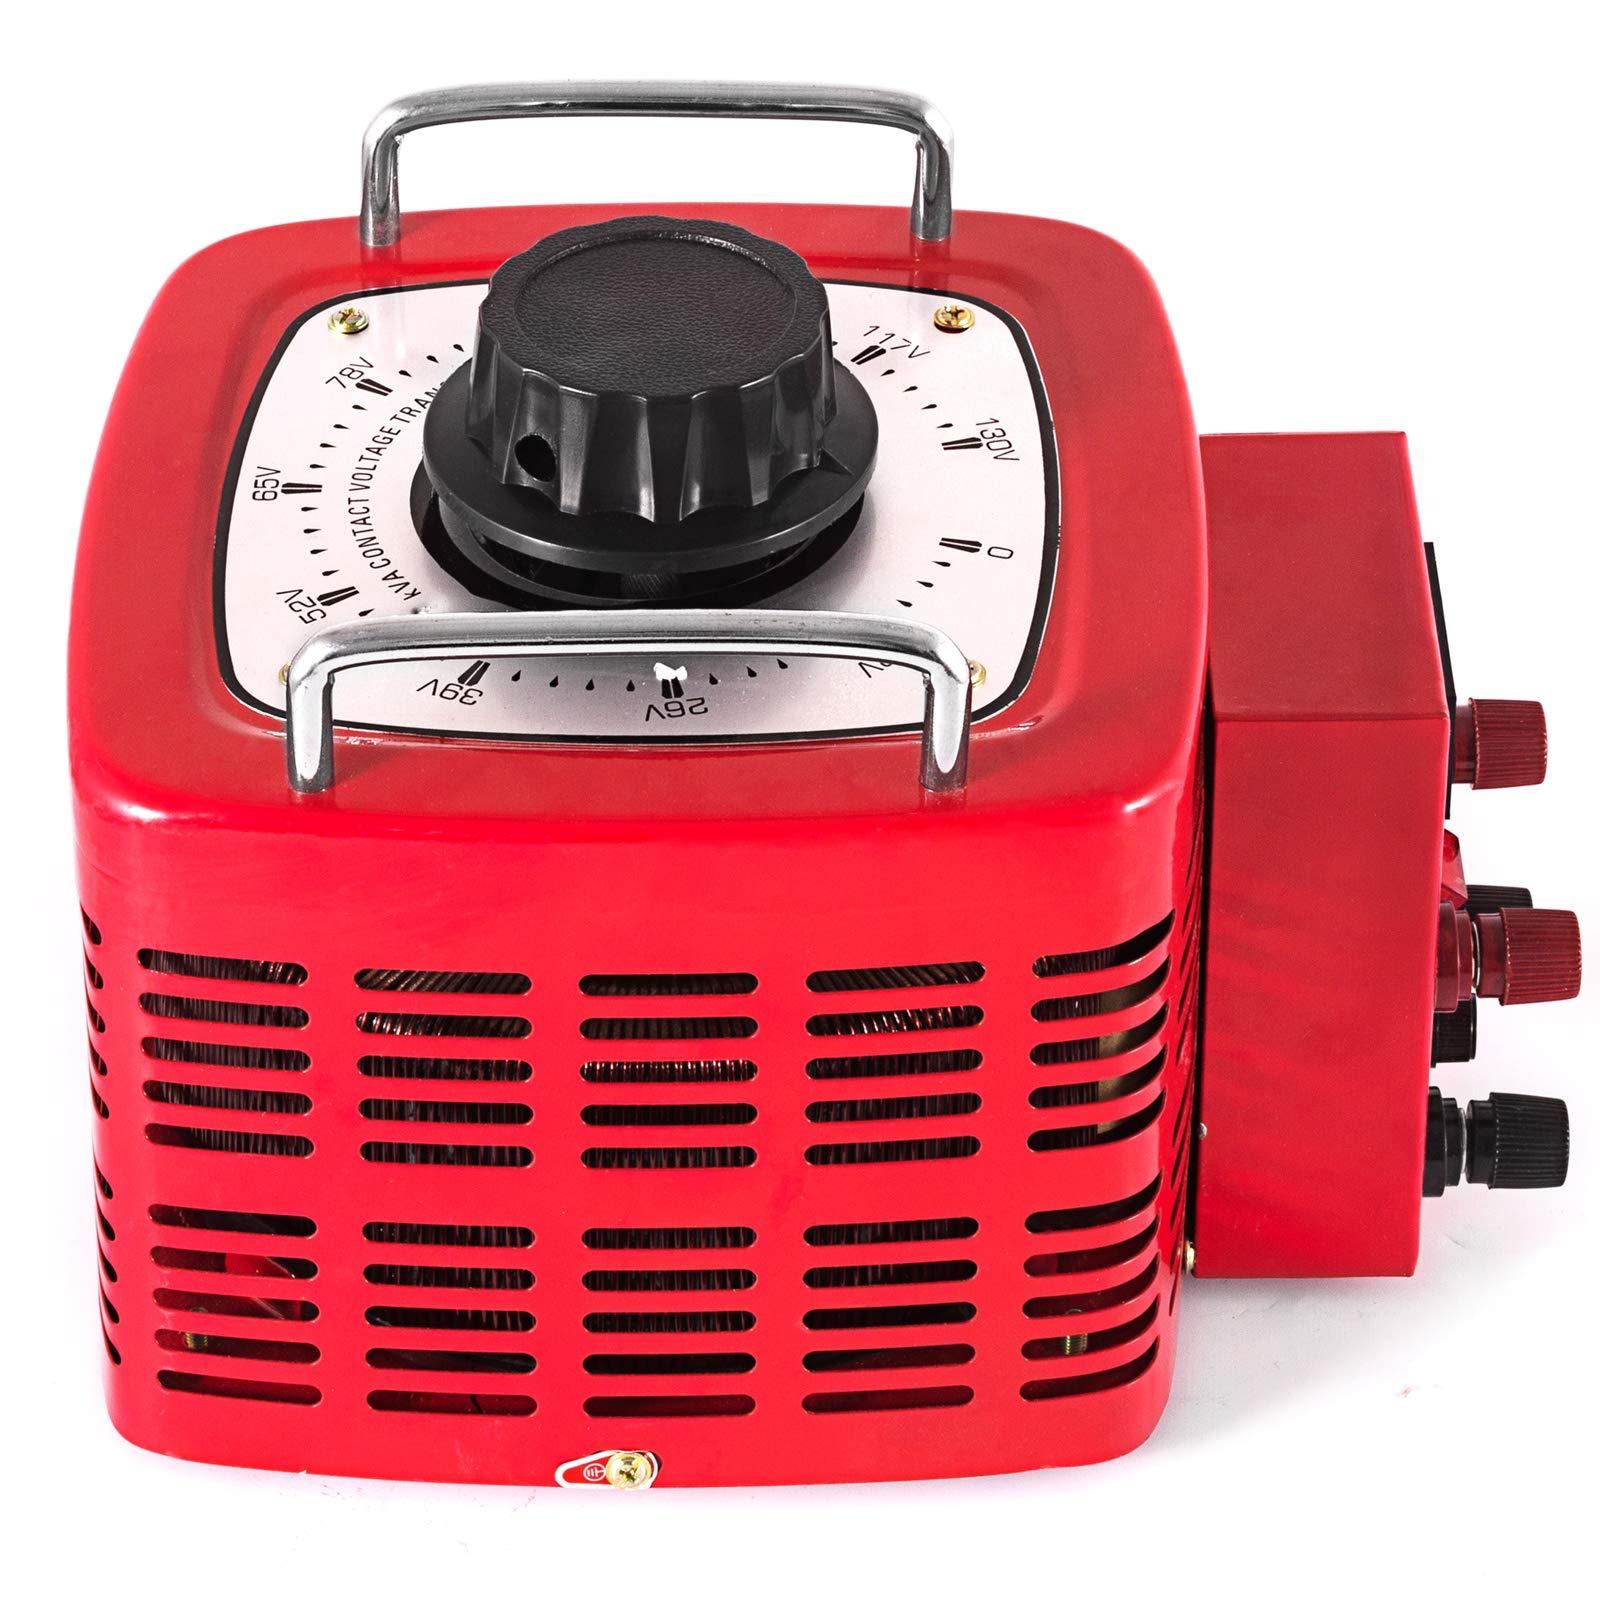 VEVOR 3KVA Transformer Max 30 Amp Variable Transformer 0~130 Volt Output Variable AC Voltage Regulator for Industries Equipment Appliances by VEVOR (Image #3)